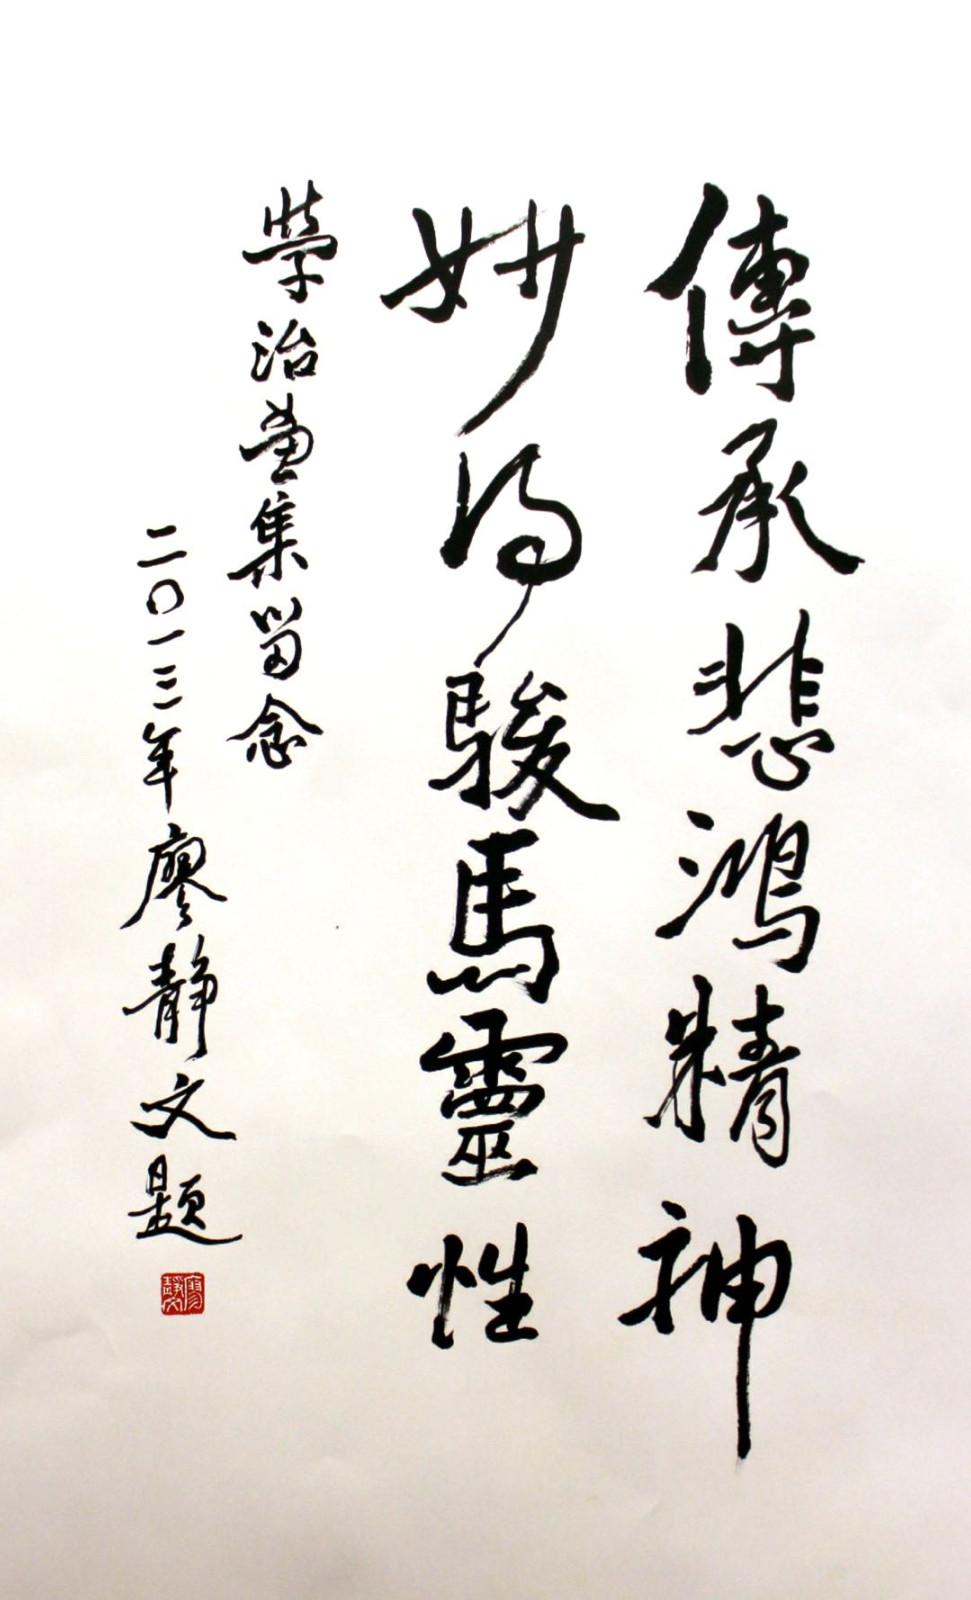 东方之笔2_图1-7